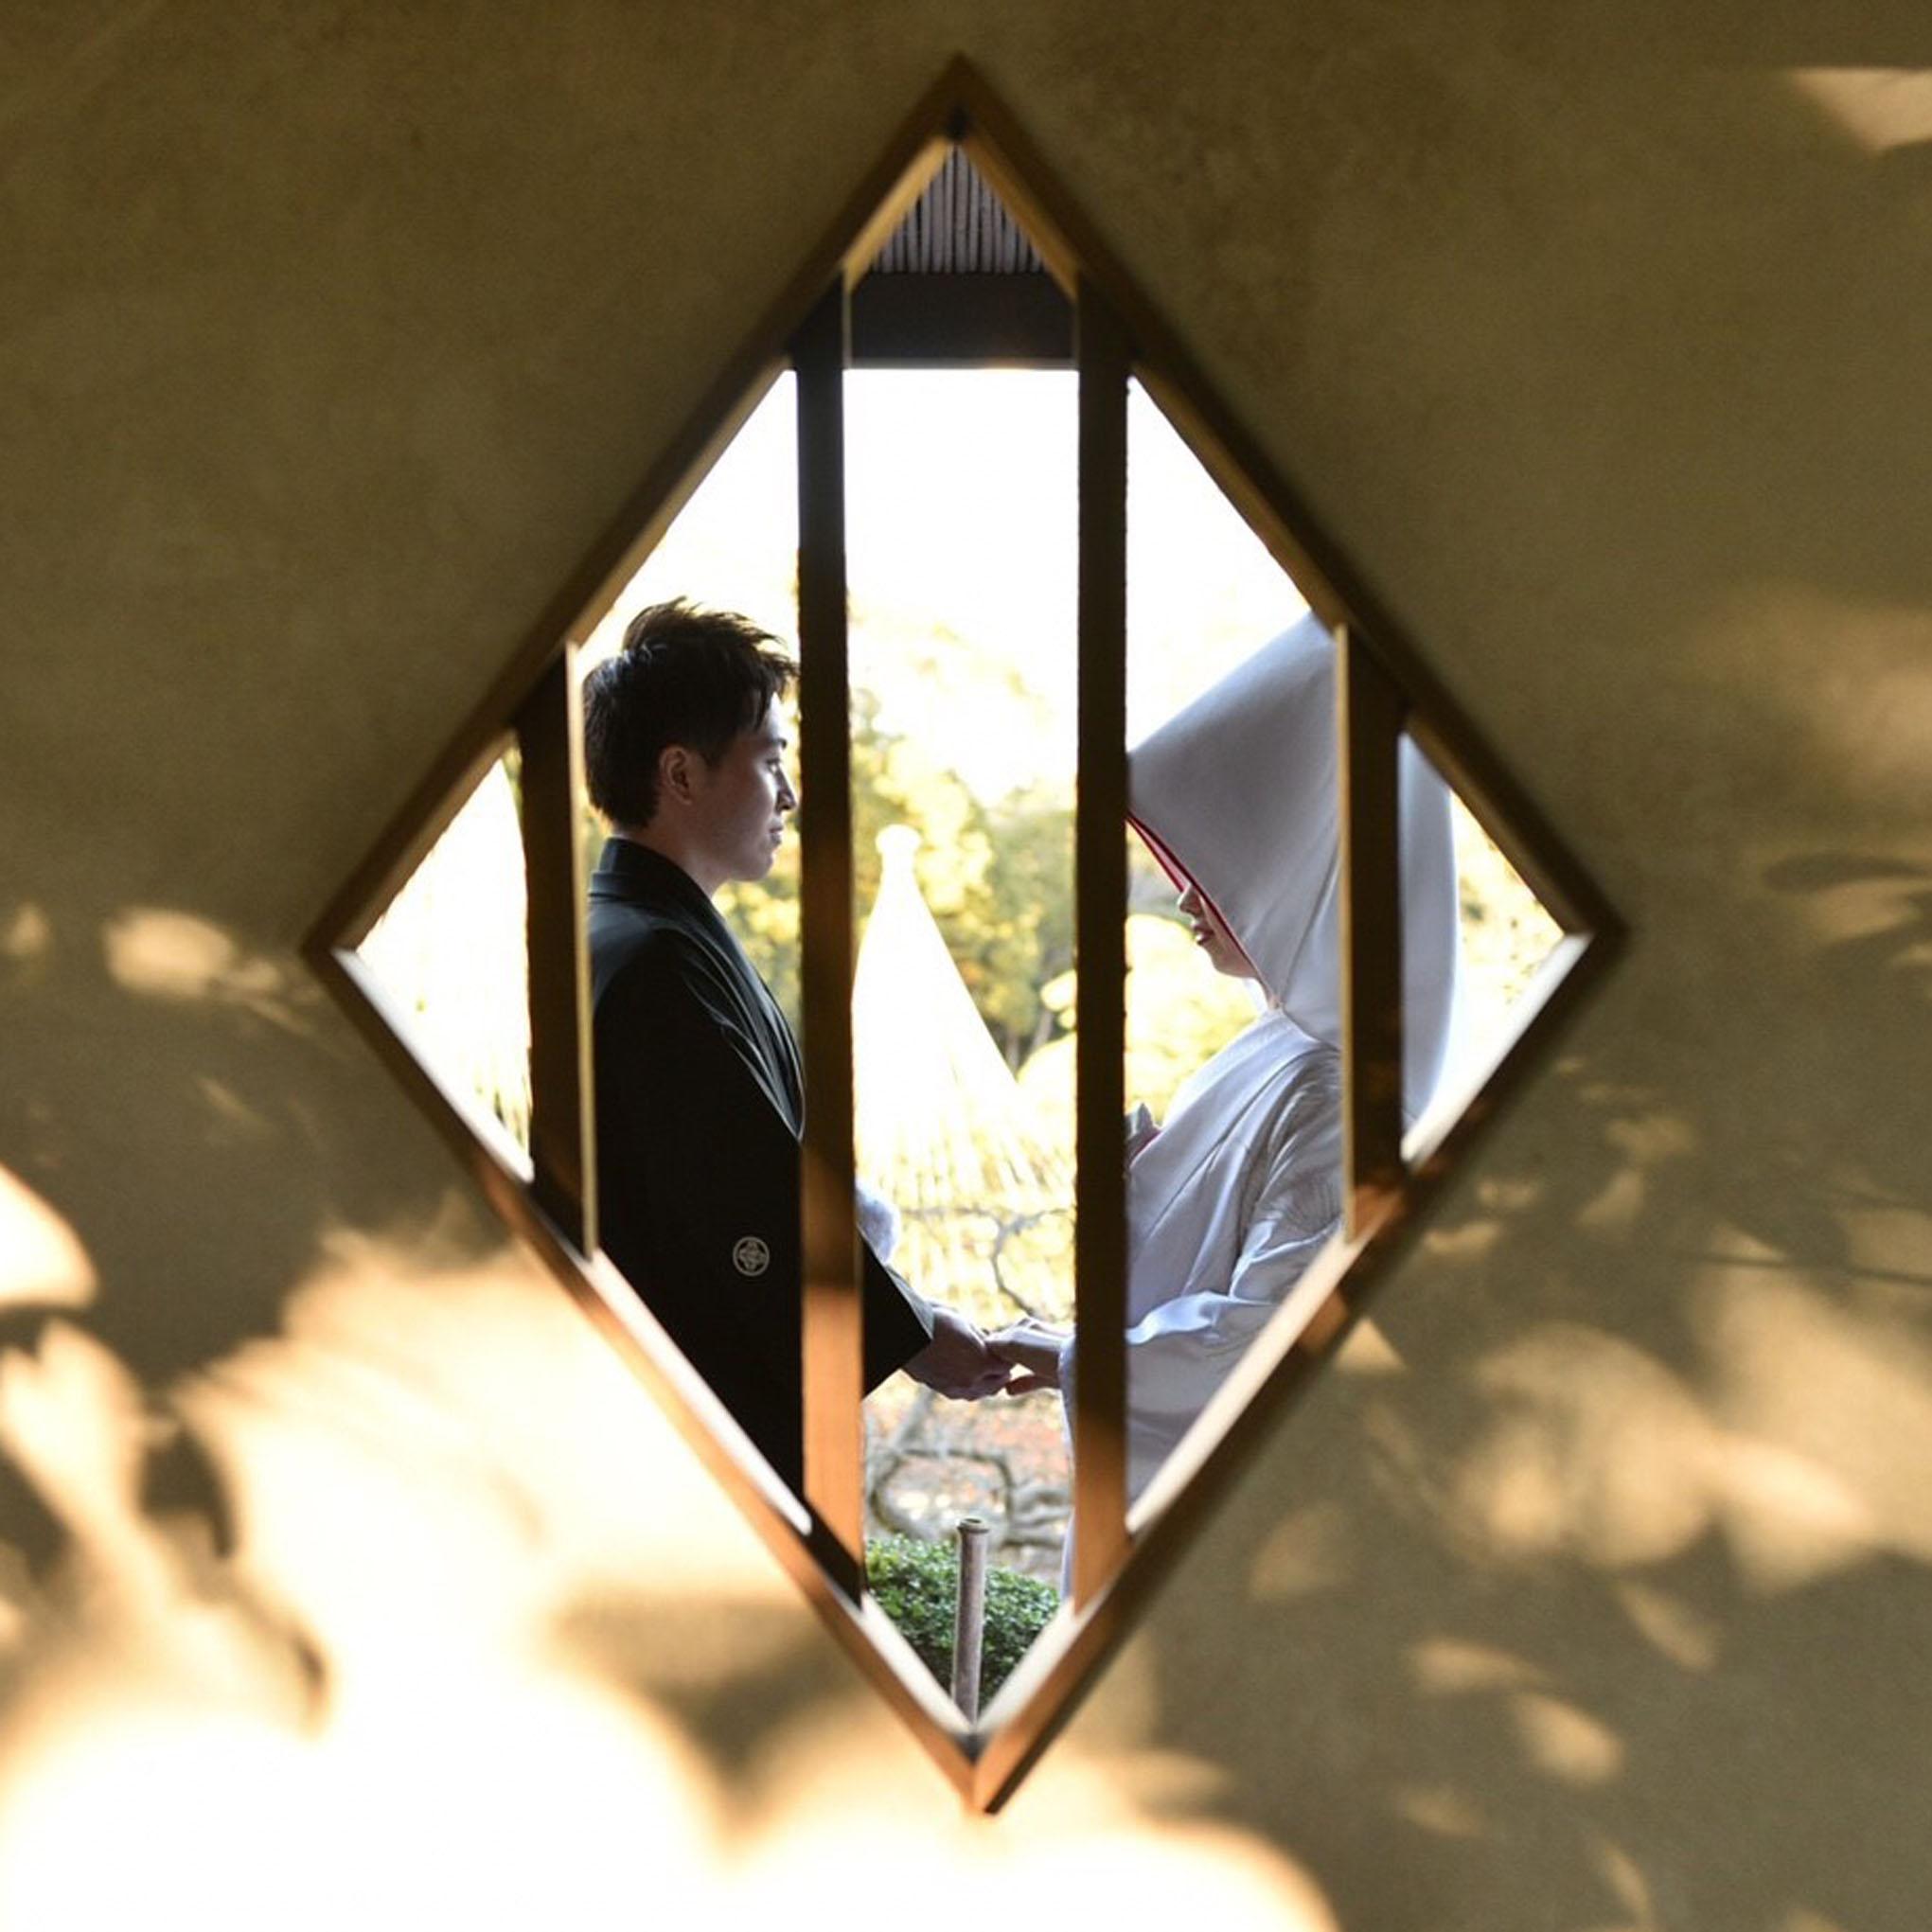 菱形の窓の向こうで、和装の新郎新婦が手を取り合い見つめ合っています。